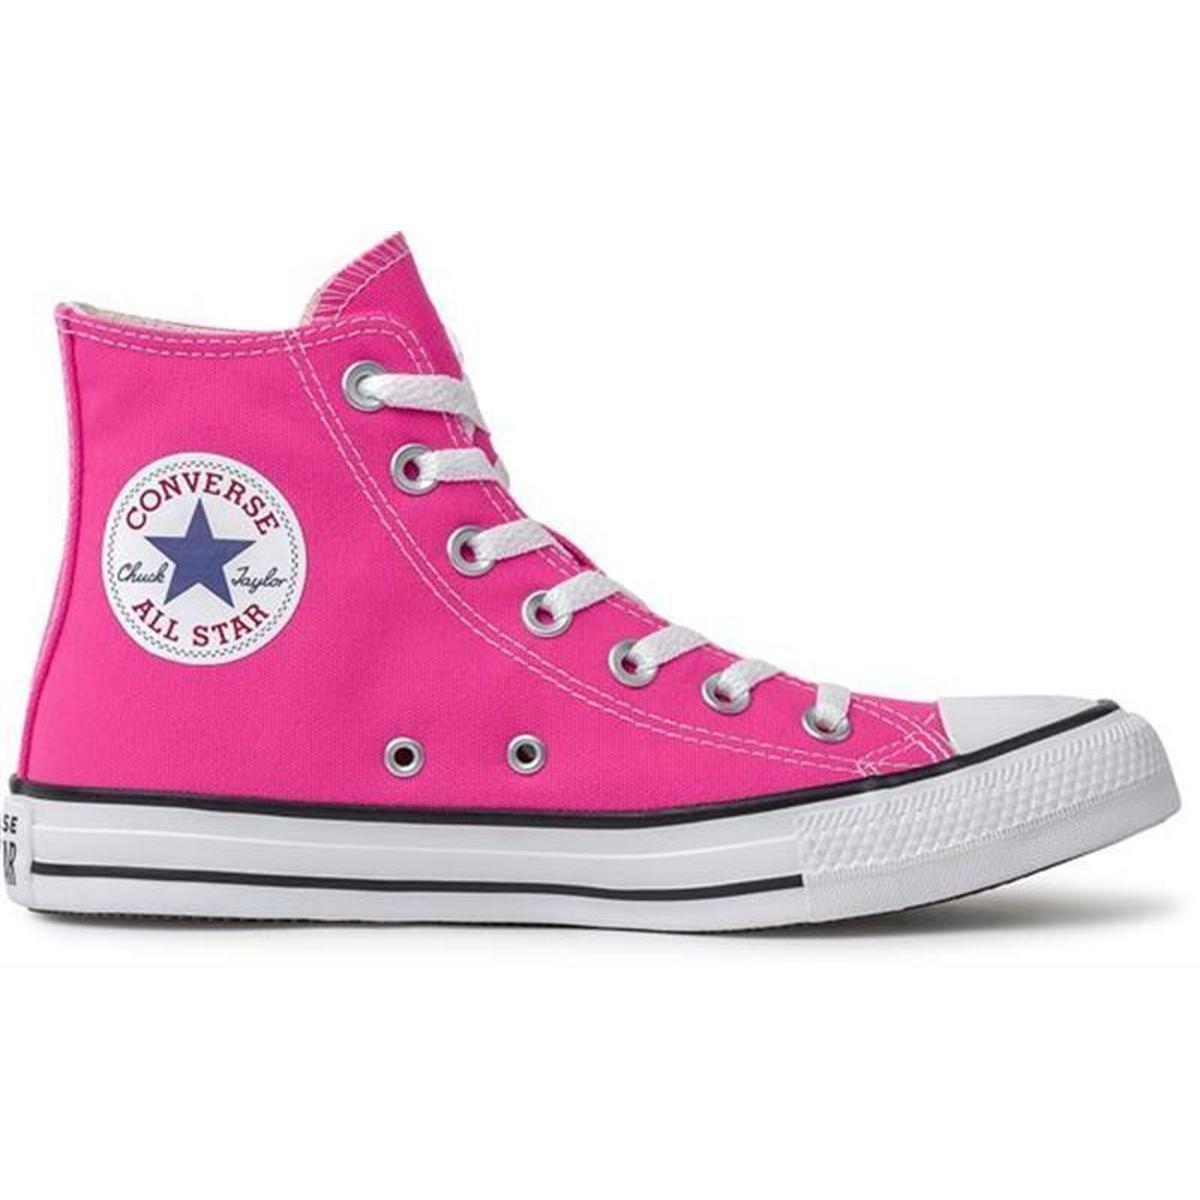 TENIS ALL STAR CHUCK TAYLOR MID FEMININO - Pink